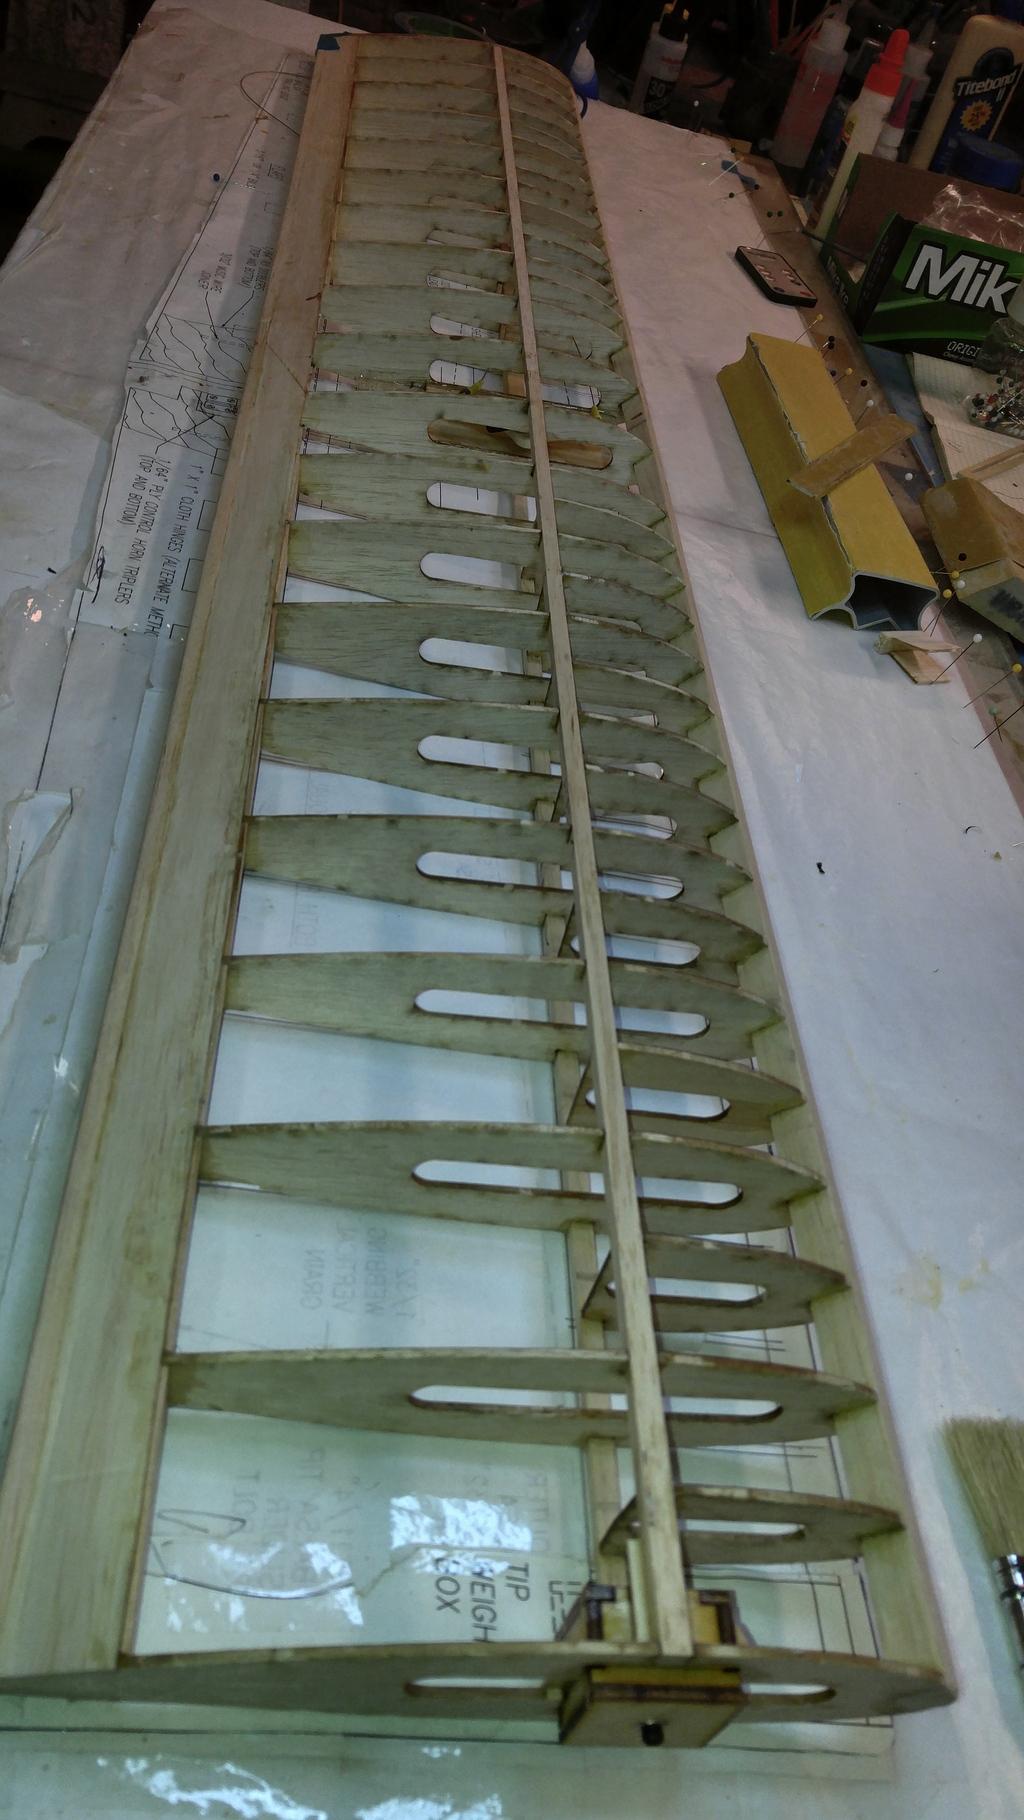 My Fancherized Twister build; 3 days til Huntersville - Page 2 0116162332_zpsjbcxyeok